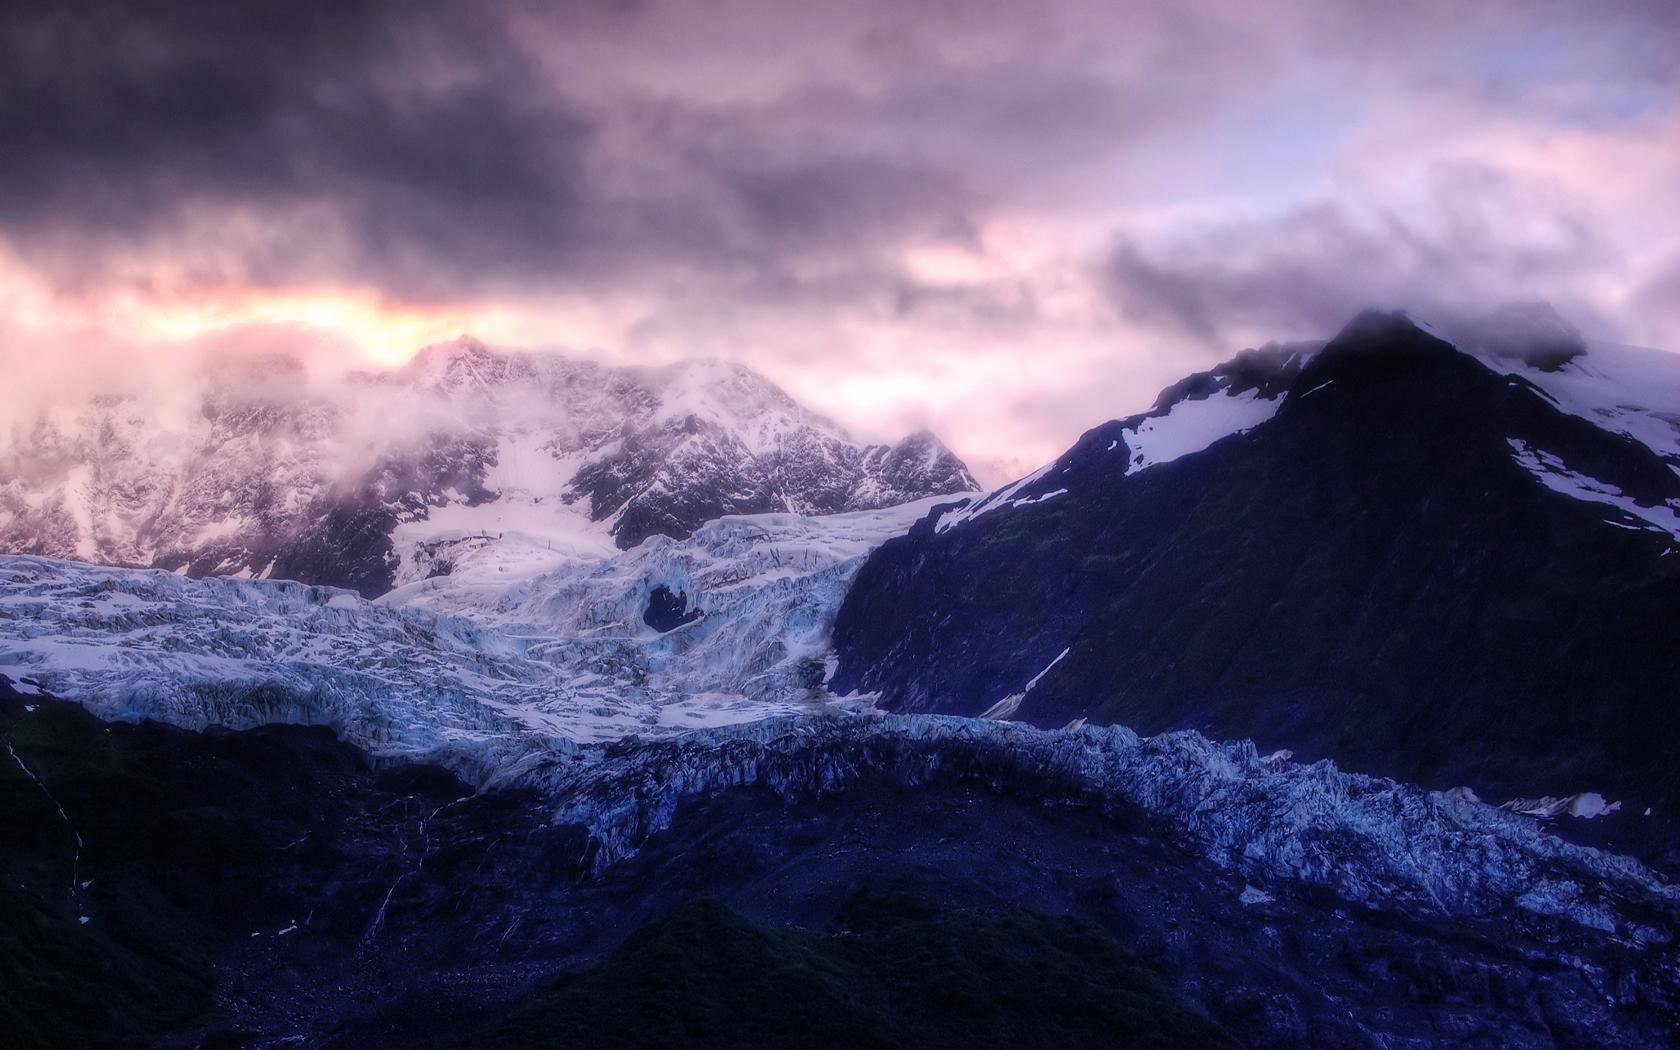 Amazing Wallpaper Mountain Nokia - landscape-snow-ice-mountains-pic  2018_303911.jpg